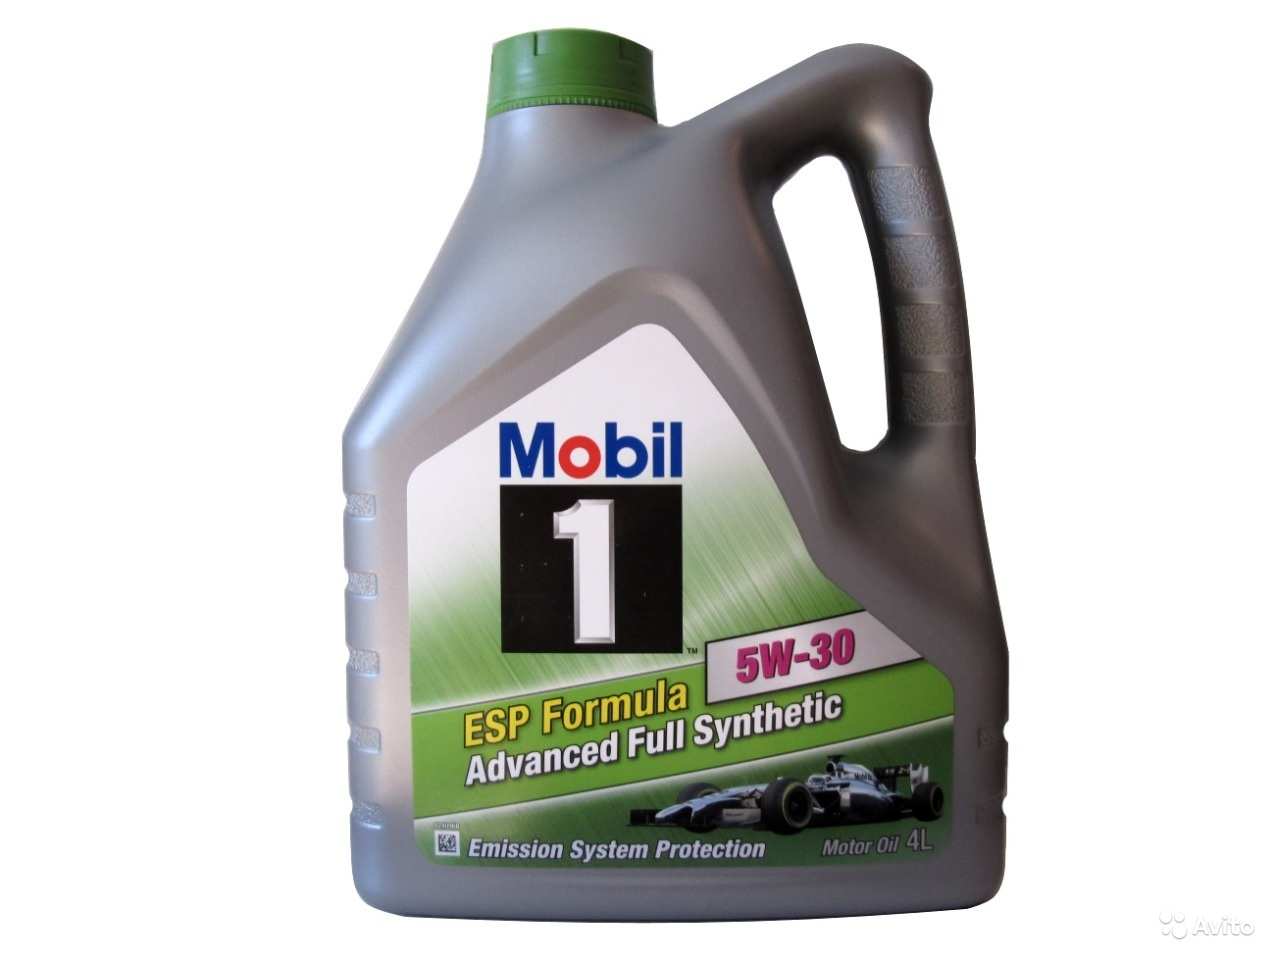 Mobil ESP Formula 5W-30